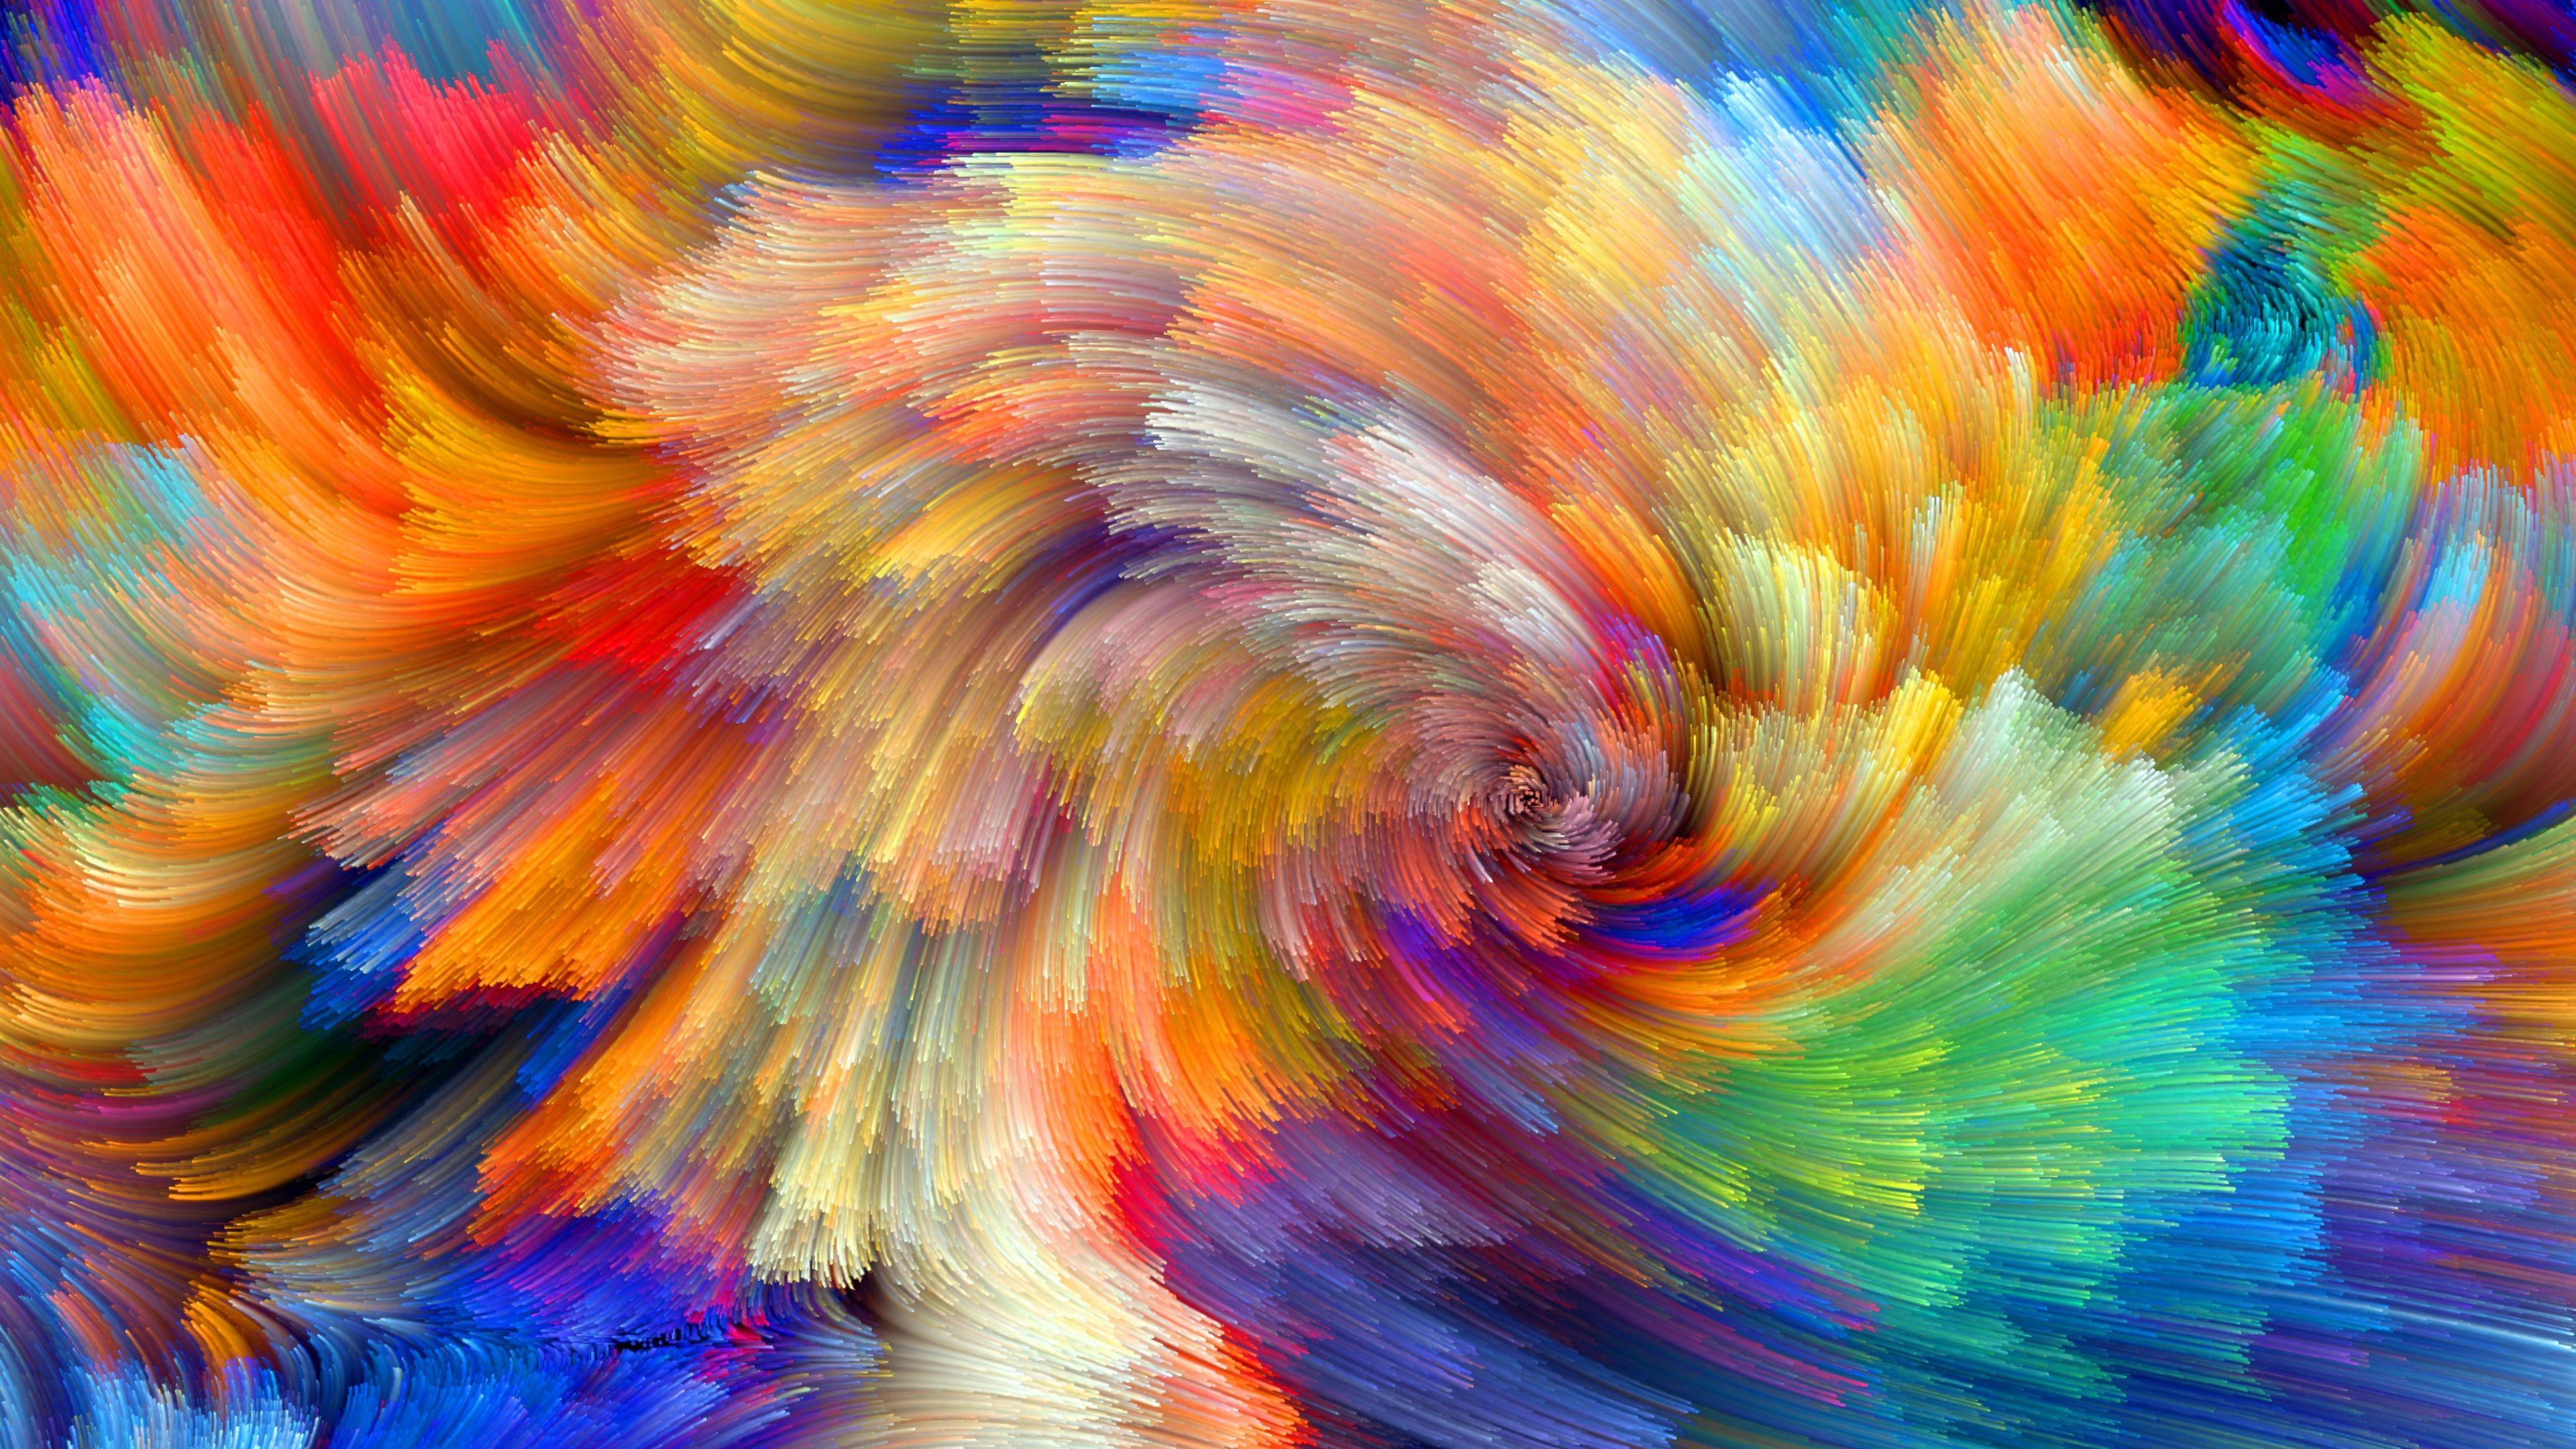 3840x2160 Vibrant 4k Hd Computer Wallpaper Widescreen Planos De Fundo Tumblr Plano De Fundo Iphone Papeis De Parede Para Iphone